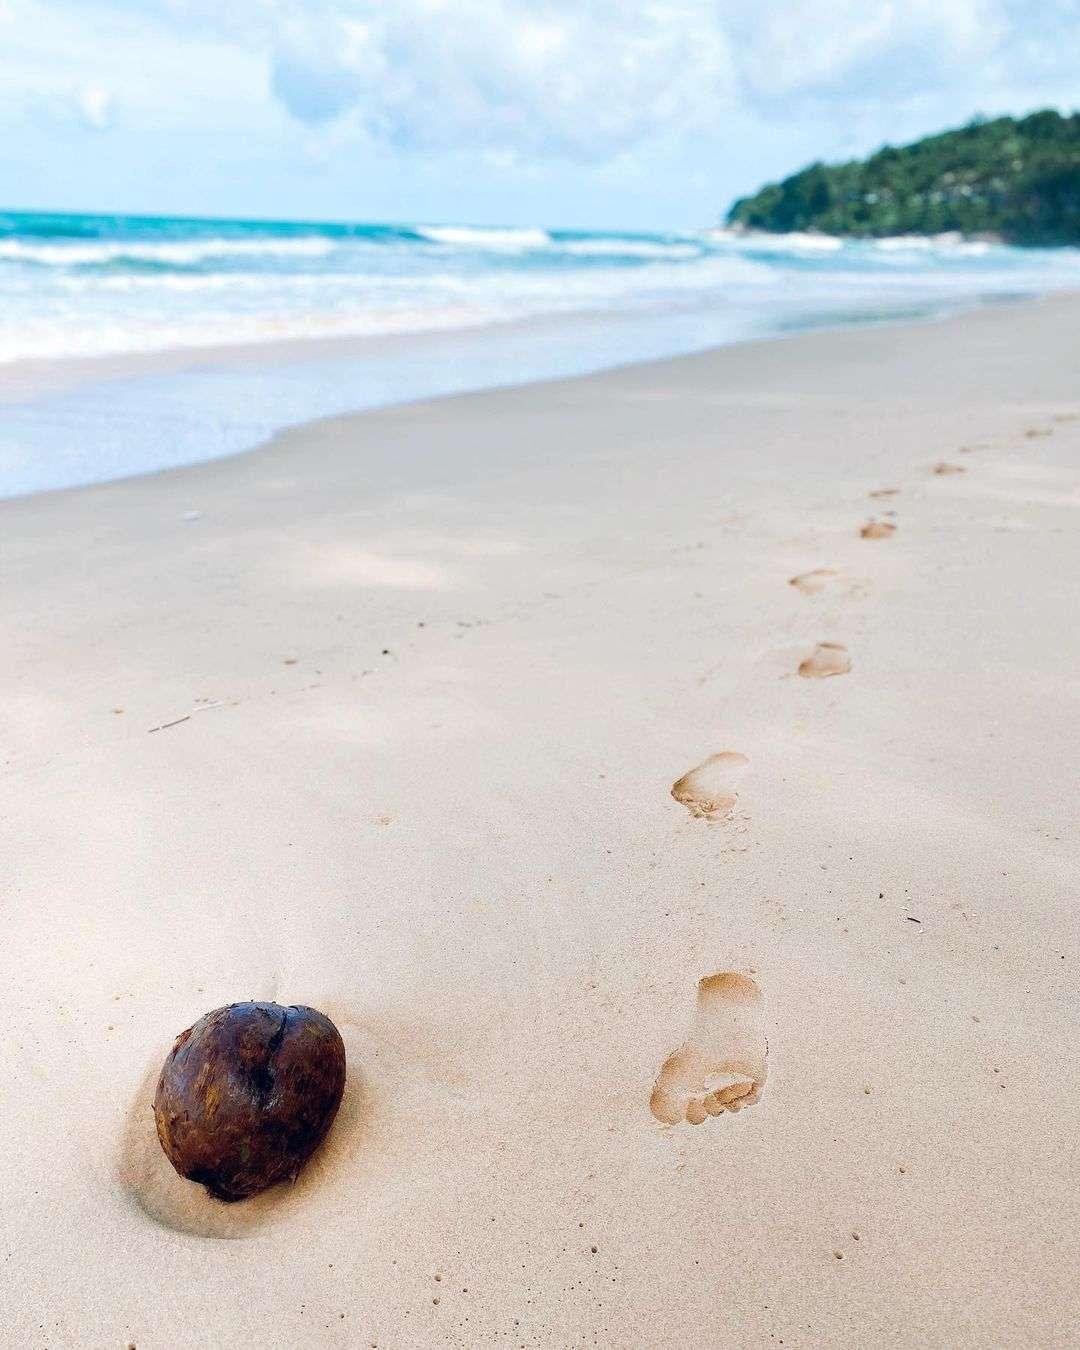 Kokosnoot met voetstappen in het zand van Nai Thon Beach op Phuket